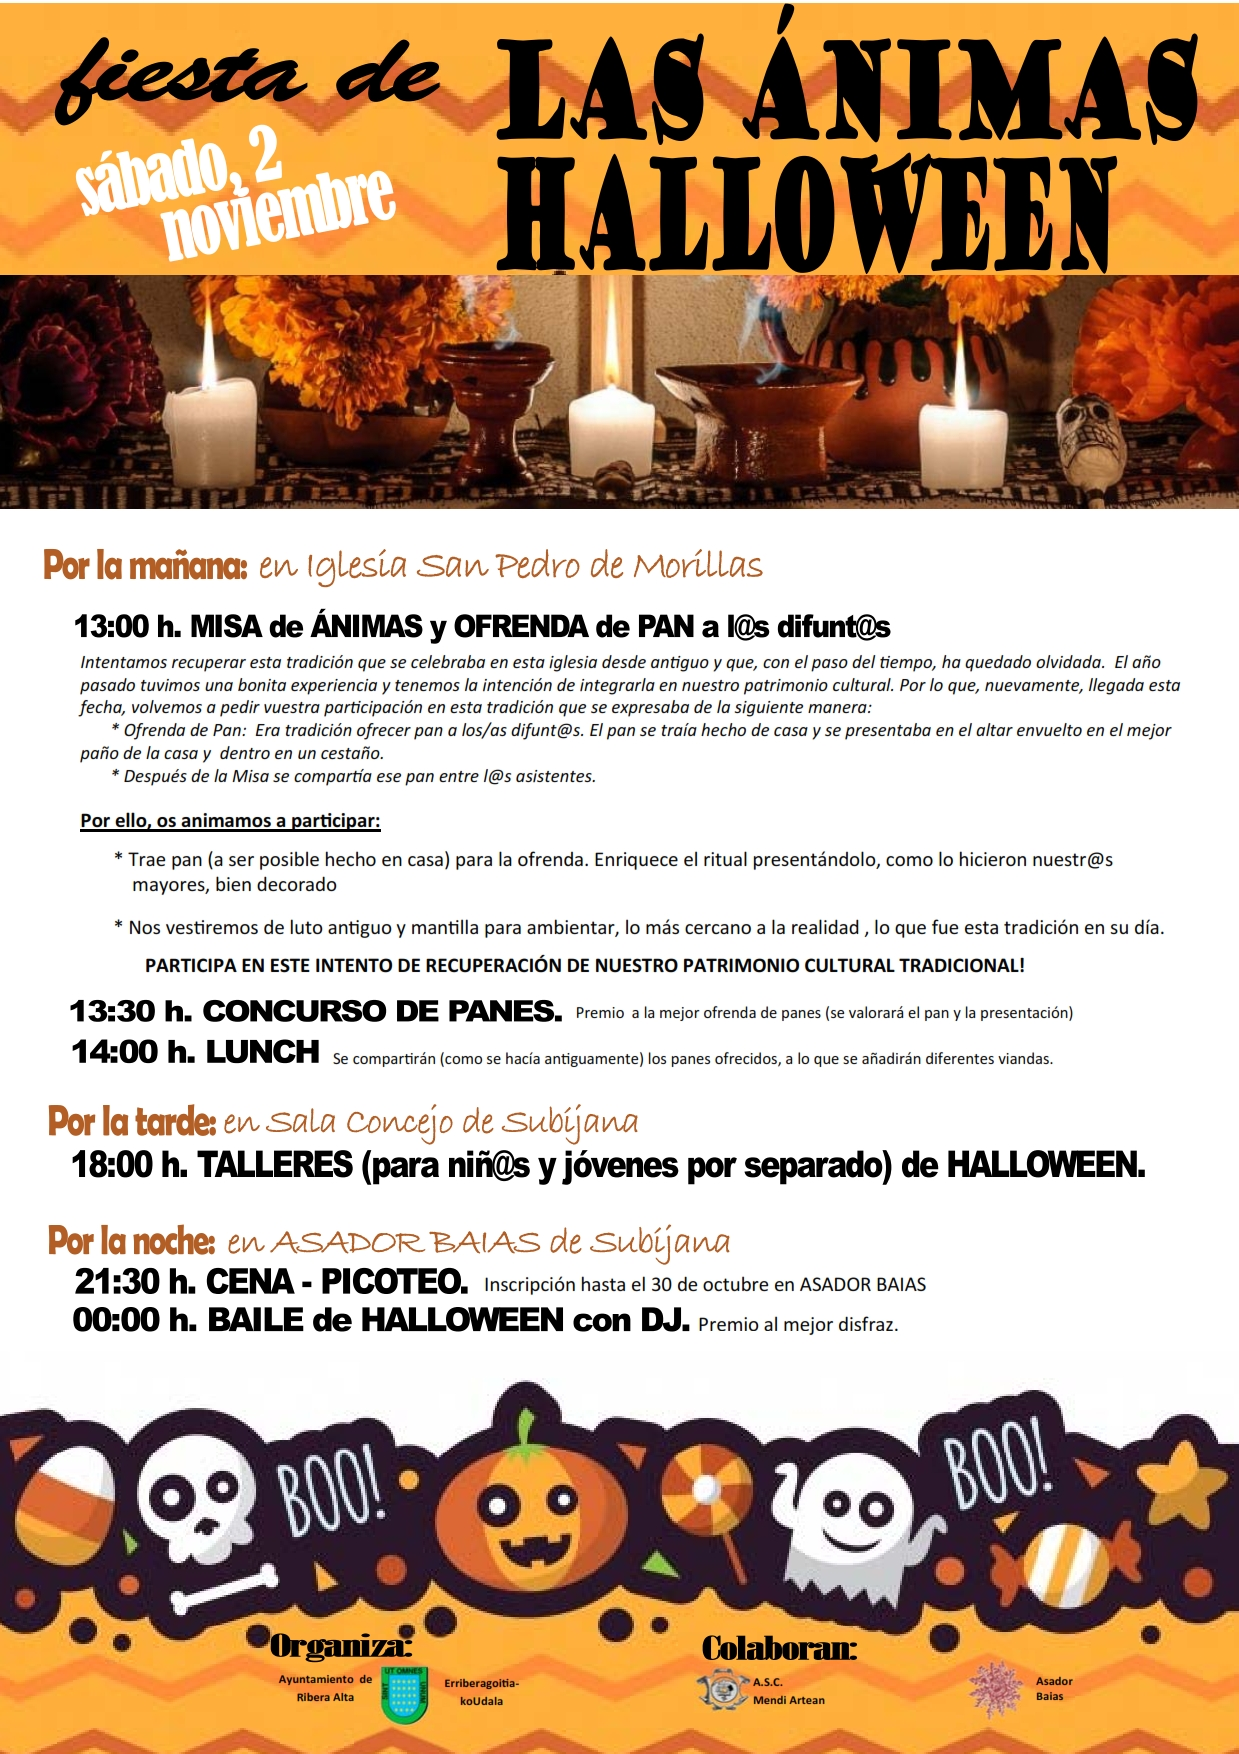 Programa para celebrar el DÍA DE ÁNIMAS y HALLOWEEN, en el ayuntamiento de Ribera Alta, sábado 2 de noviembre 2019